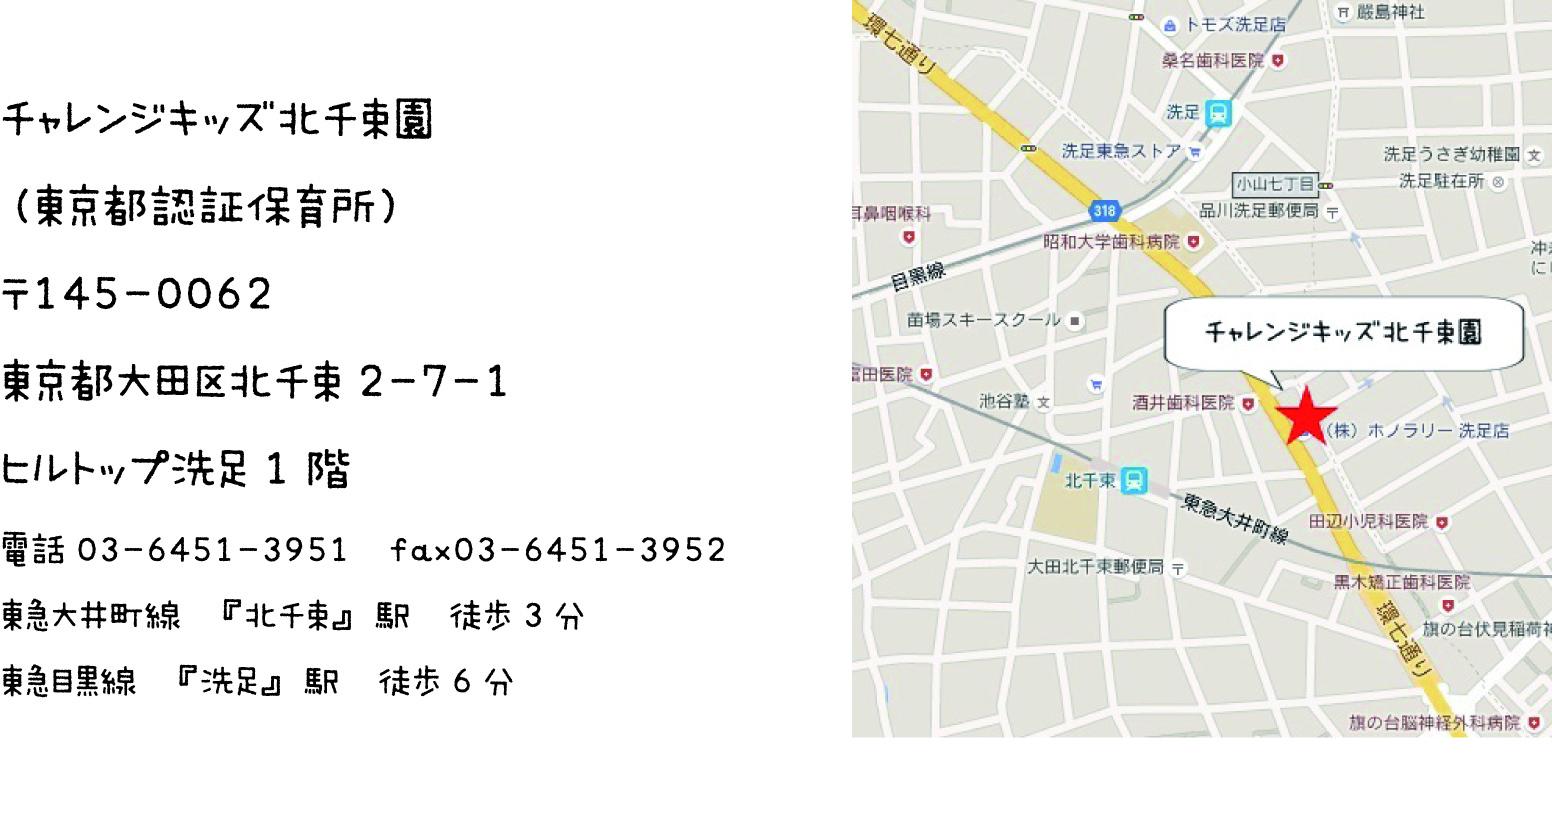 地図&住所